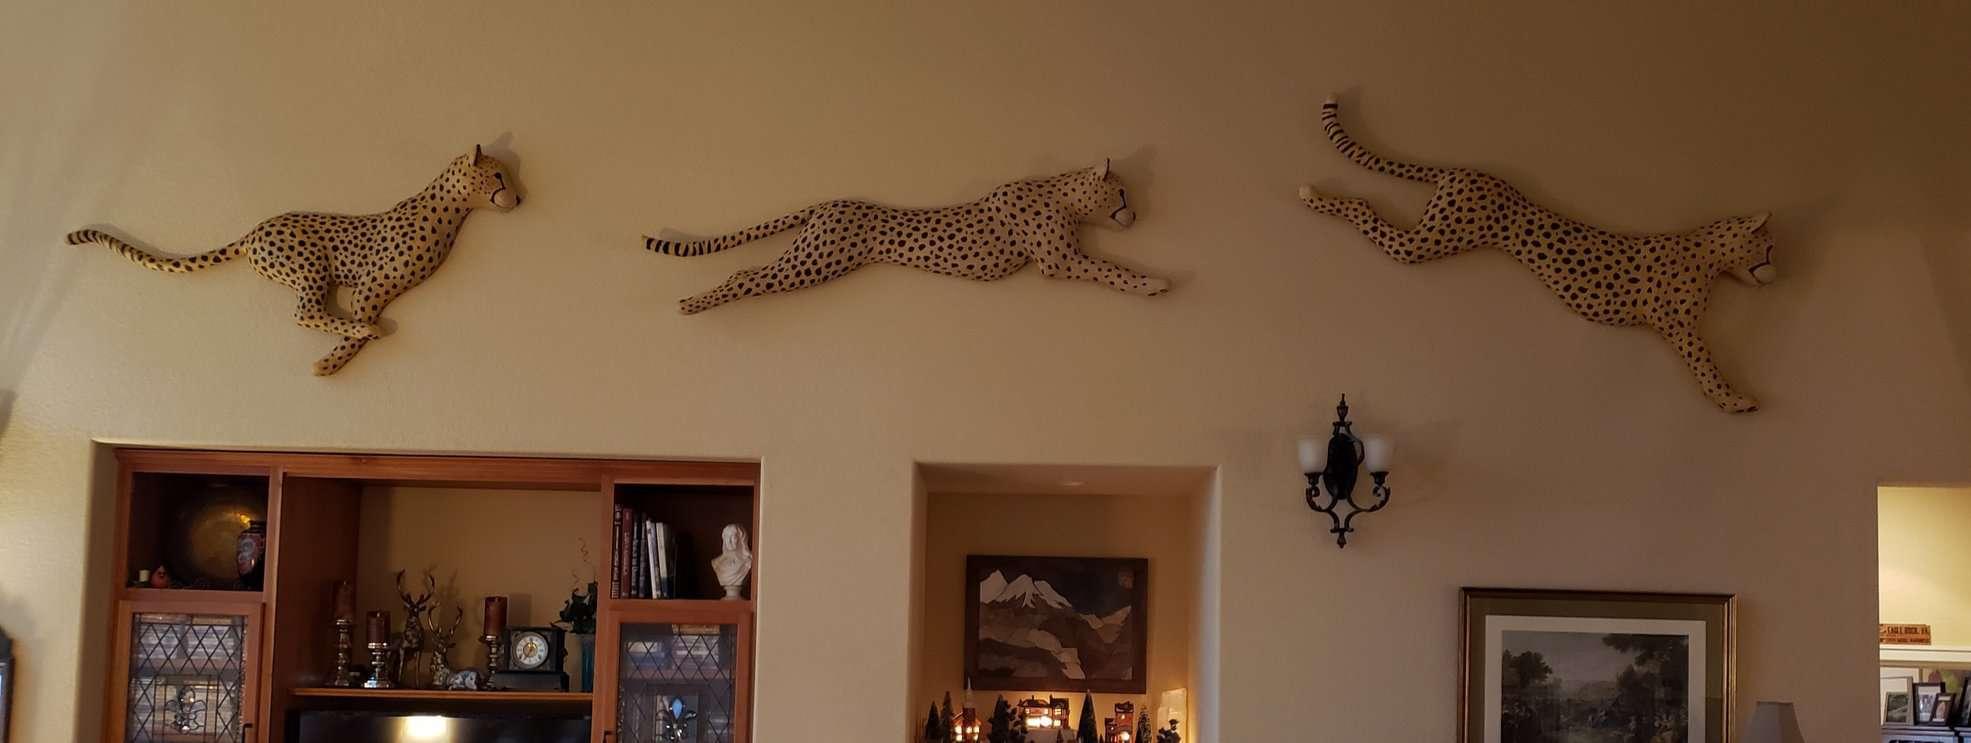 Running Cheetah's